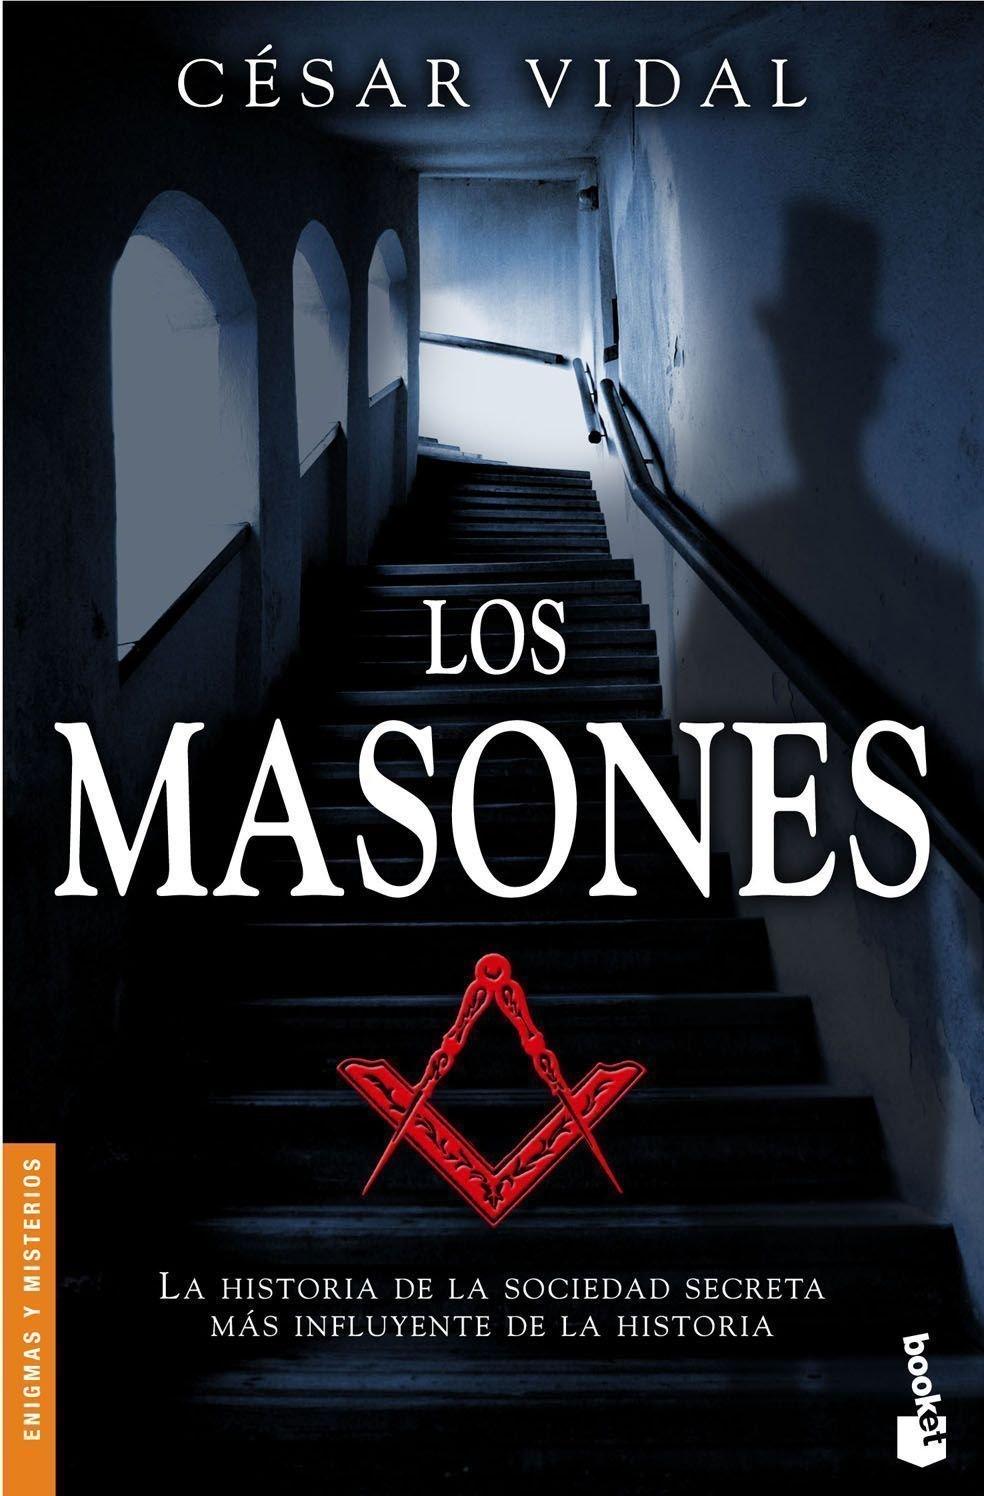 Los masones (Divulgación): Amazon.es: Vidal, César: Libros